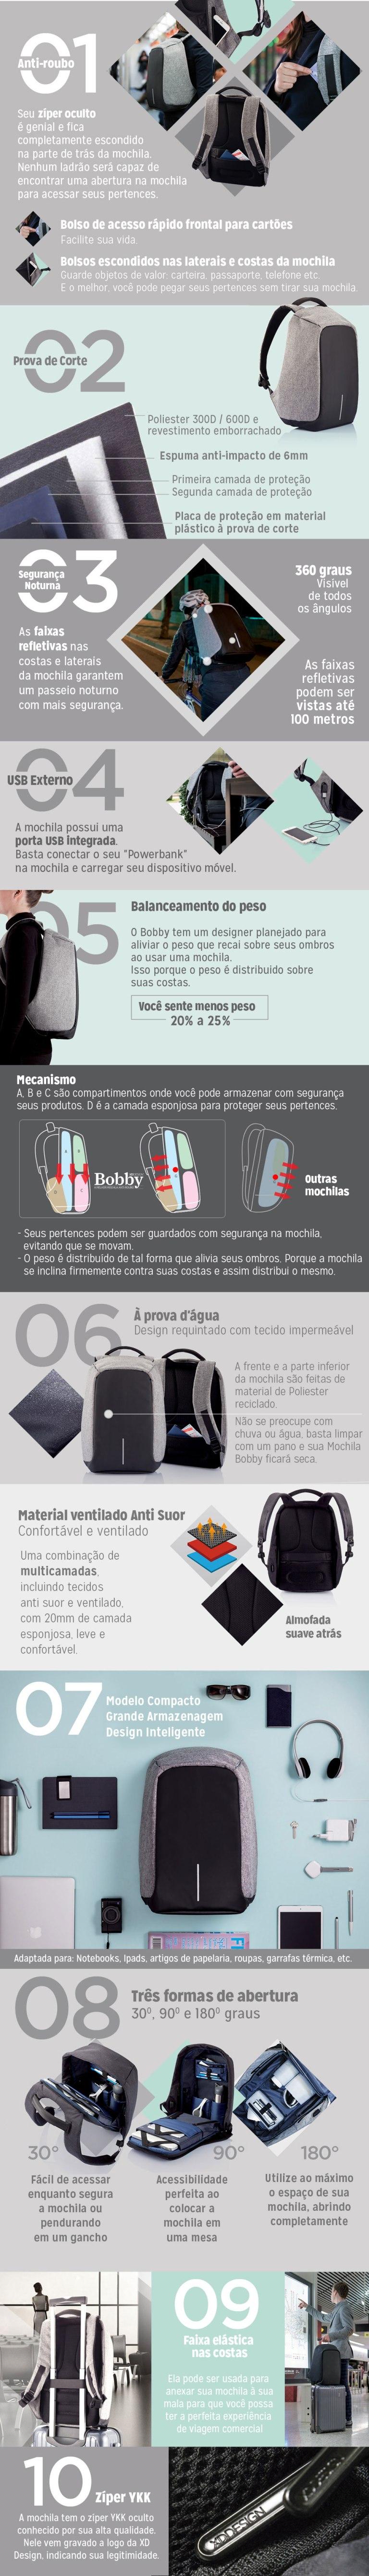 01-Anti-roubo-3